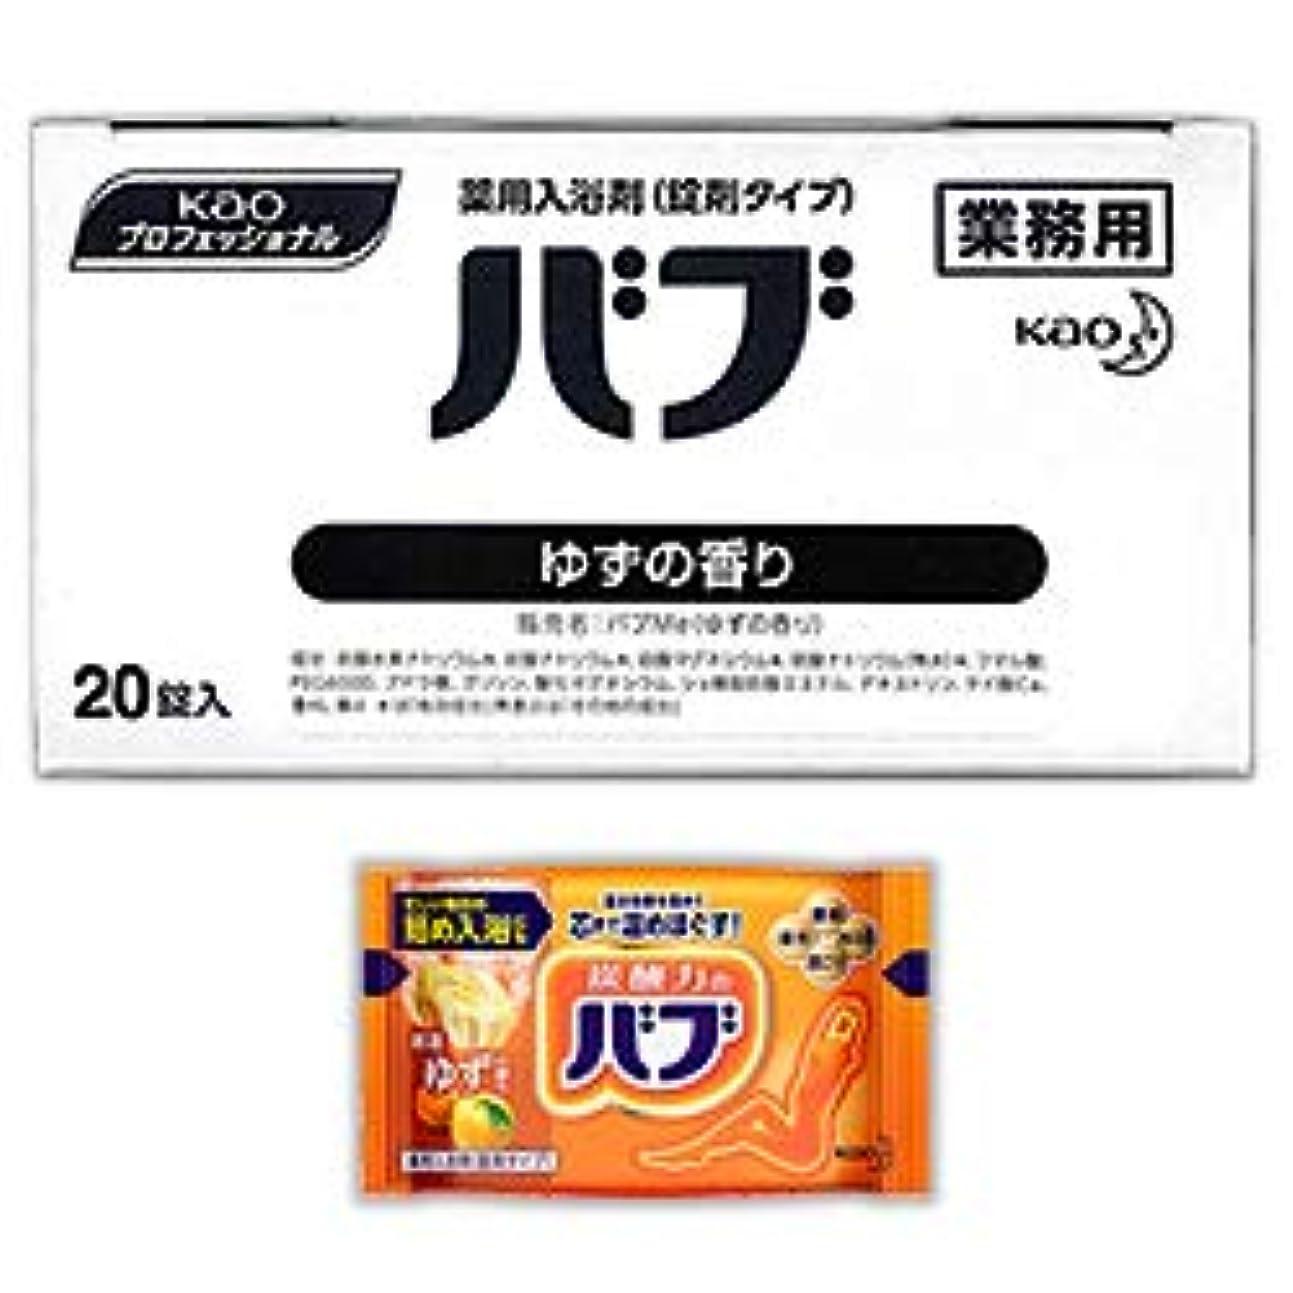 恐ろしい従順な検索エンジンマーケティング【花王】Kaoプロフェッショナル バブ ゆずの香り(業務用) 40g×20錠入 ×2個セット